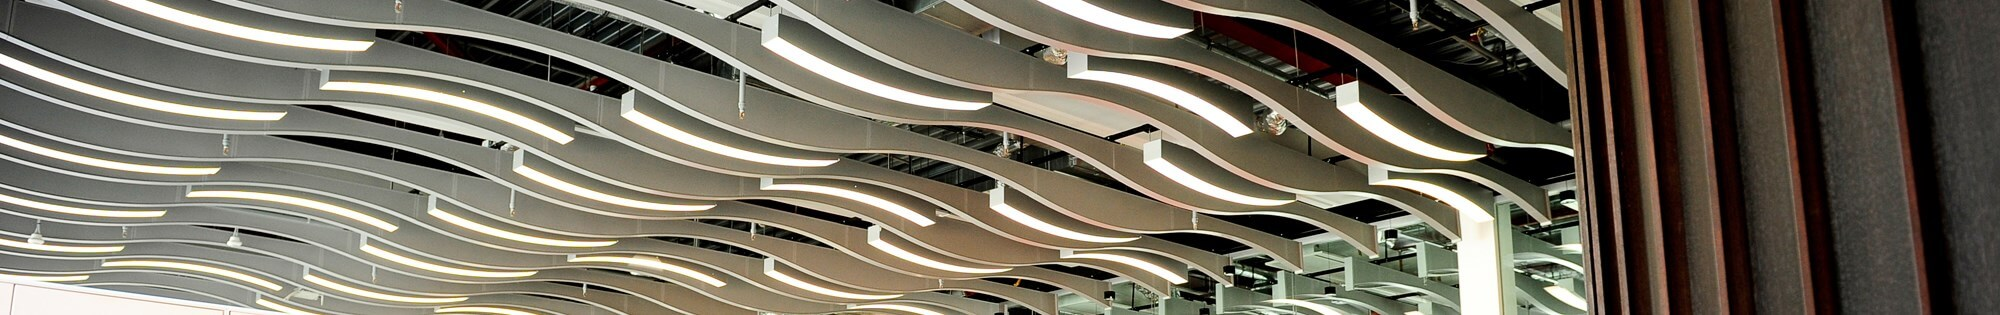 ceilings-baf-04